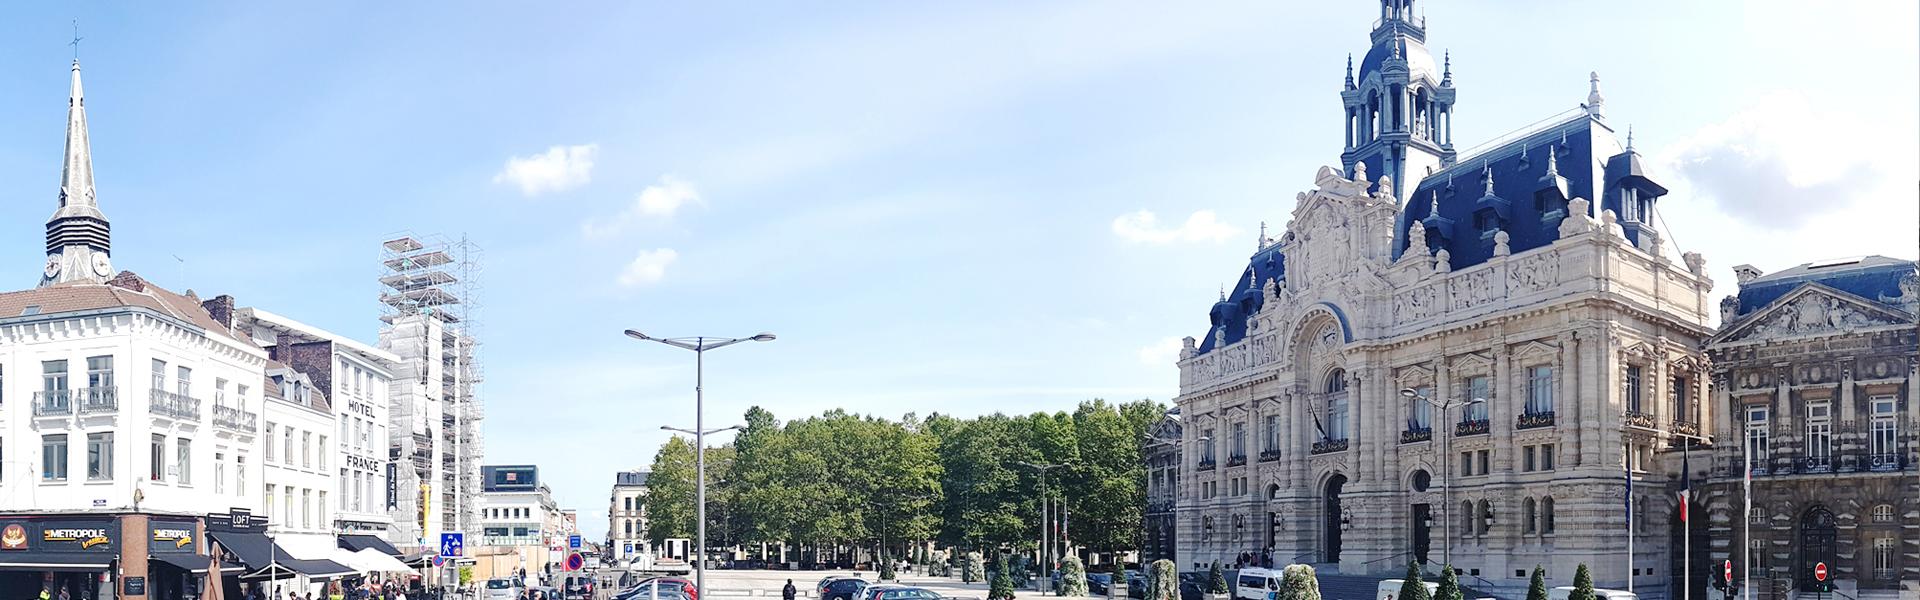 Photo de la Grand-Place de Roubaix, à proximité de l'agence web roubaisienne Farouk Nasri